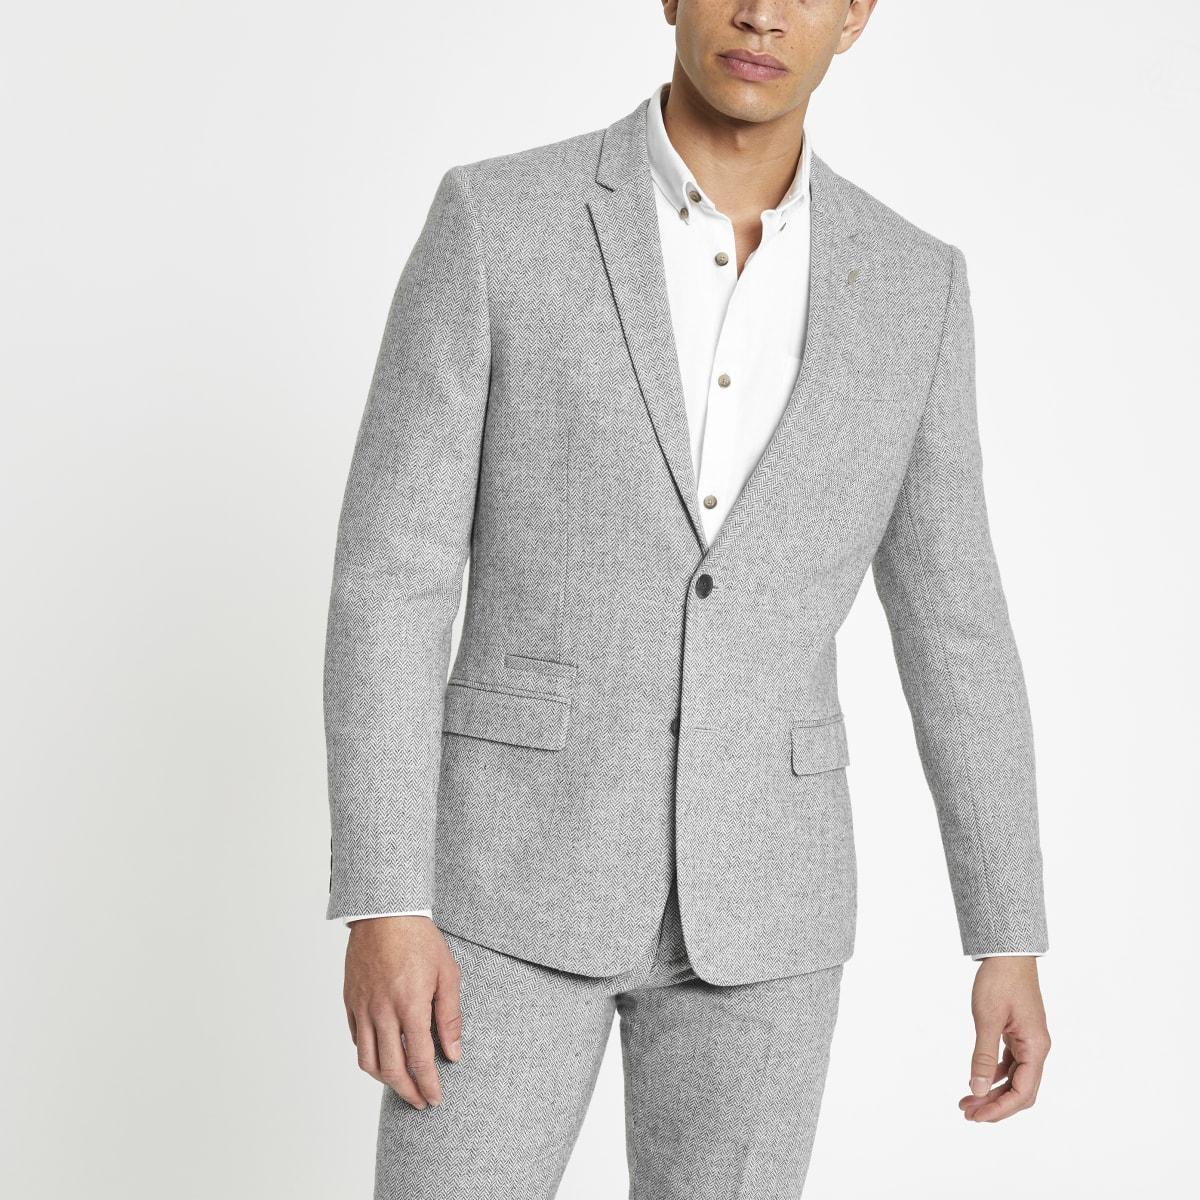 Grey herringbone skinny suit jacket